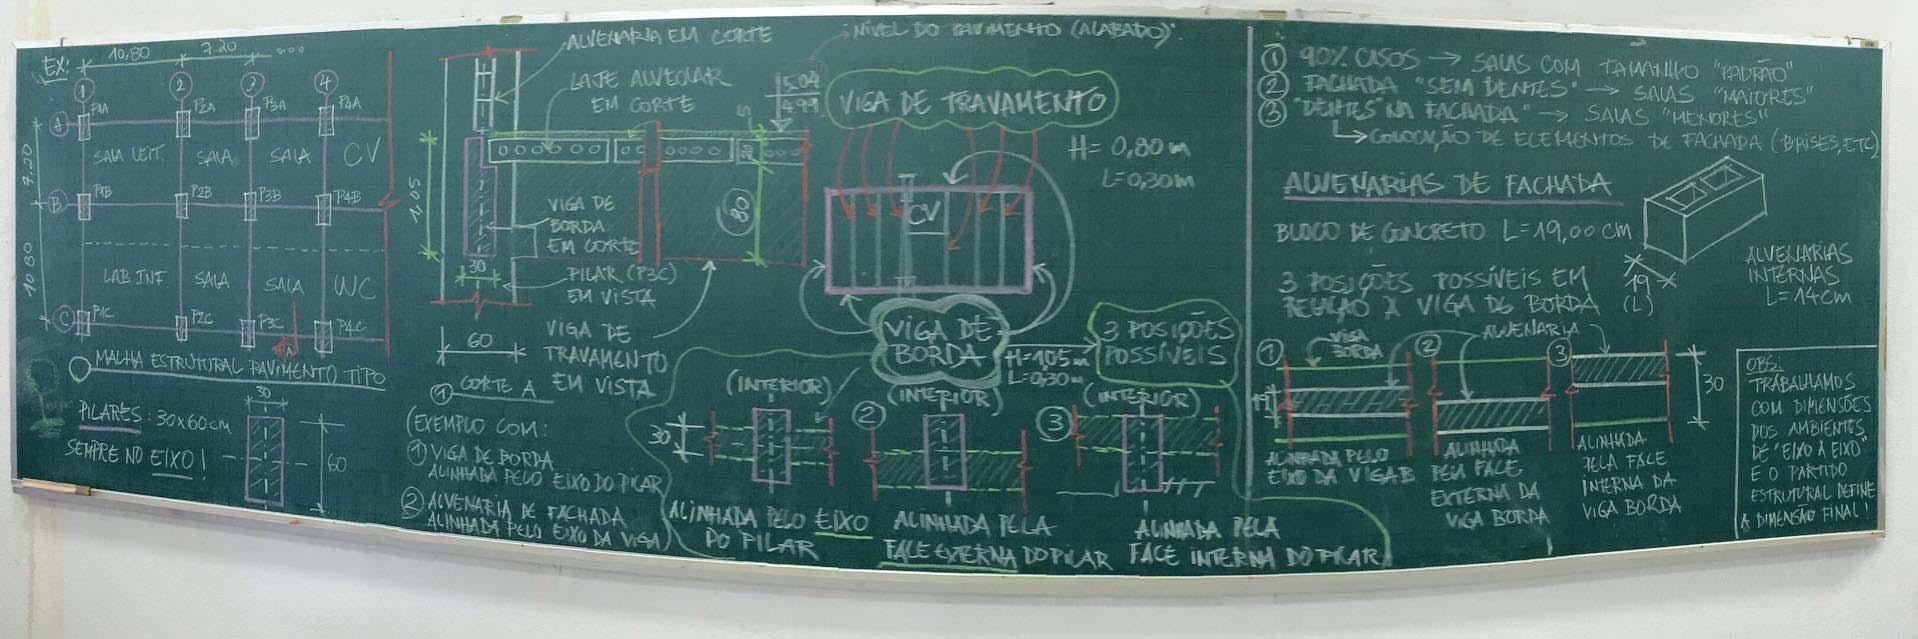 Croquis - alinhamentos de vigas e alvenarias na estrutura pré-fabricada